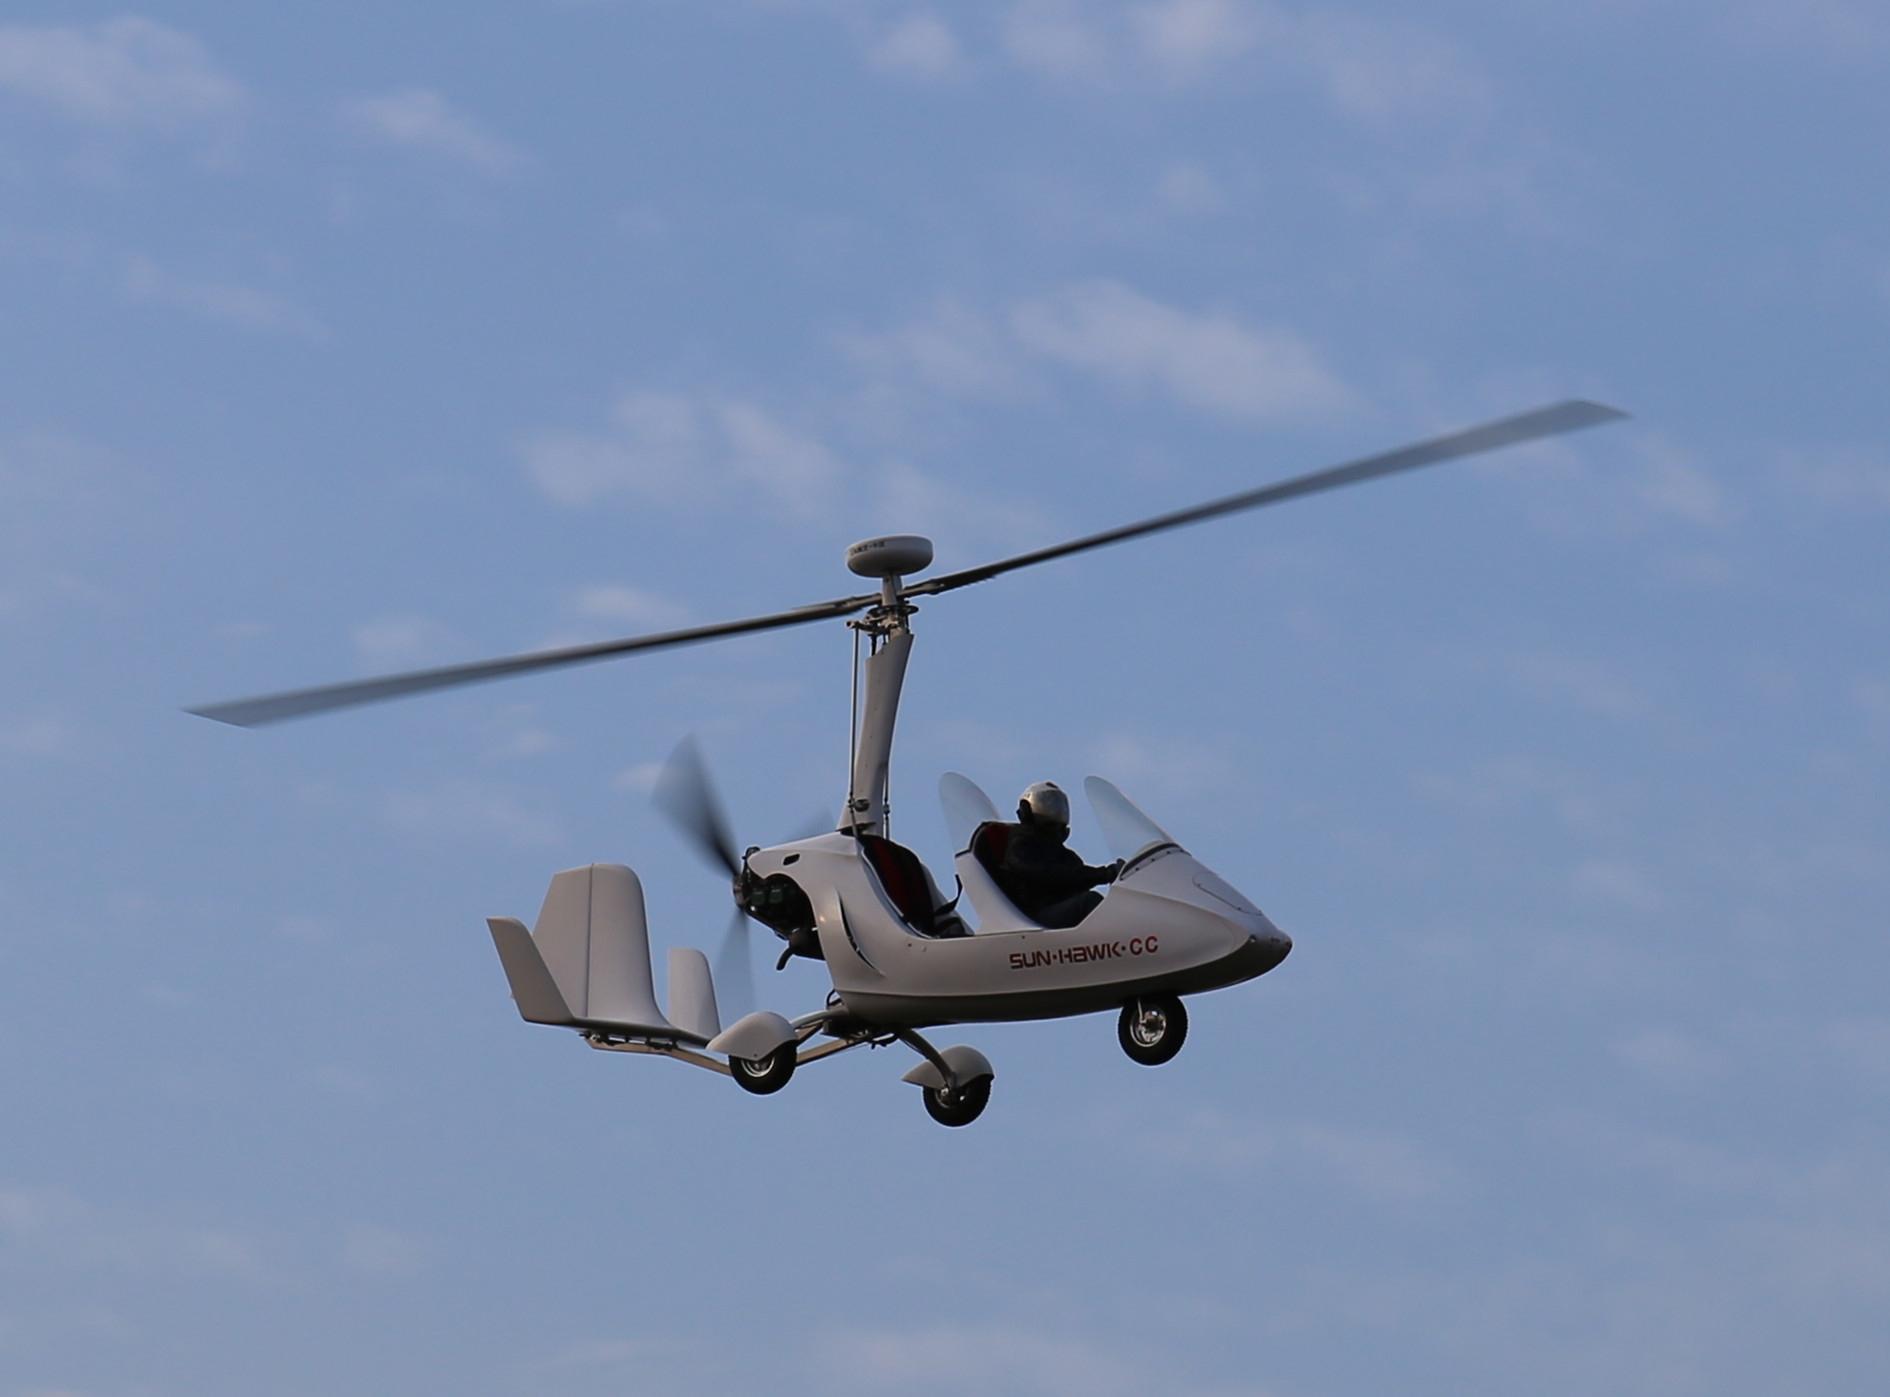 外形类似直升机,但飞行原理更接近于固定翼飞机,旋翼机的旋翼本身无动